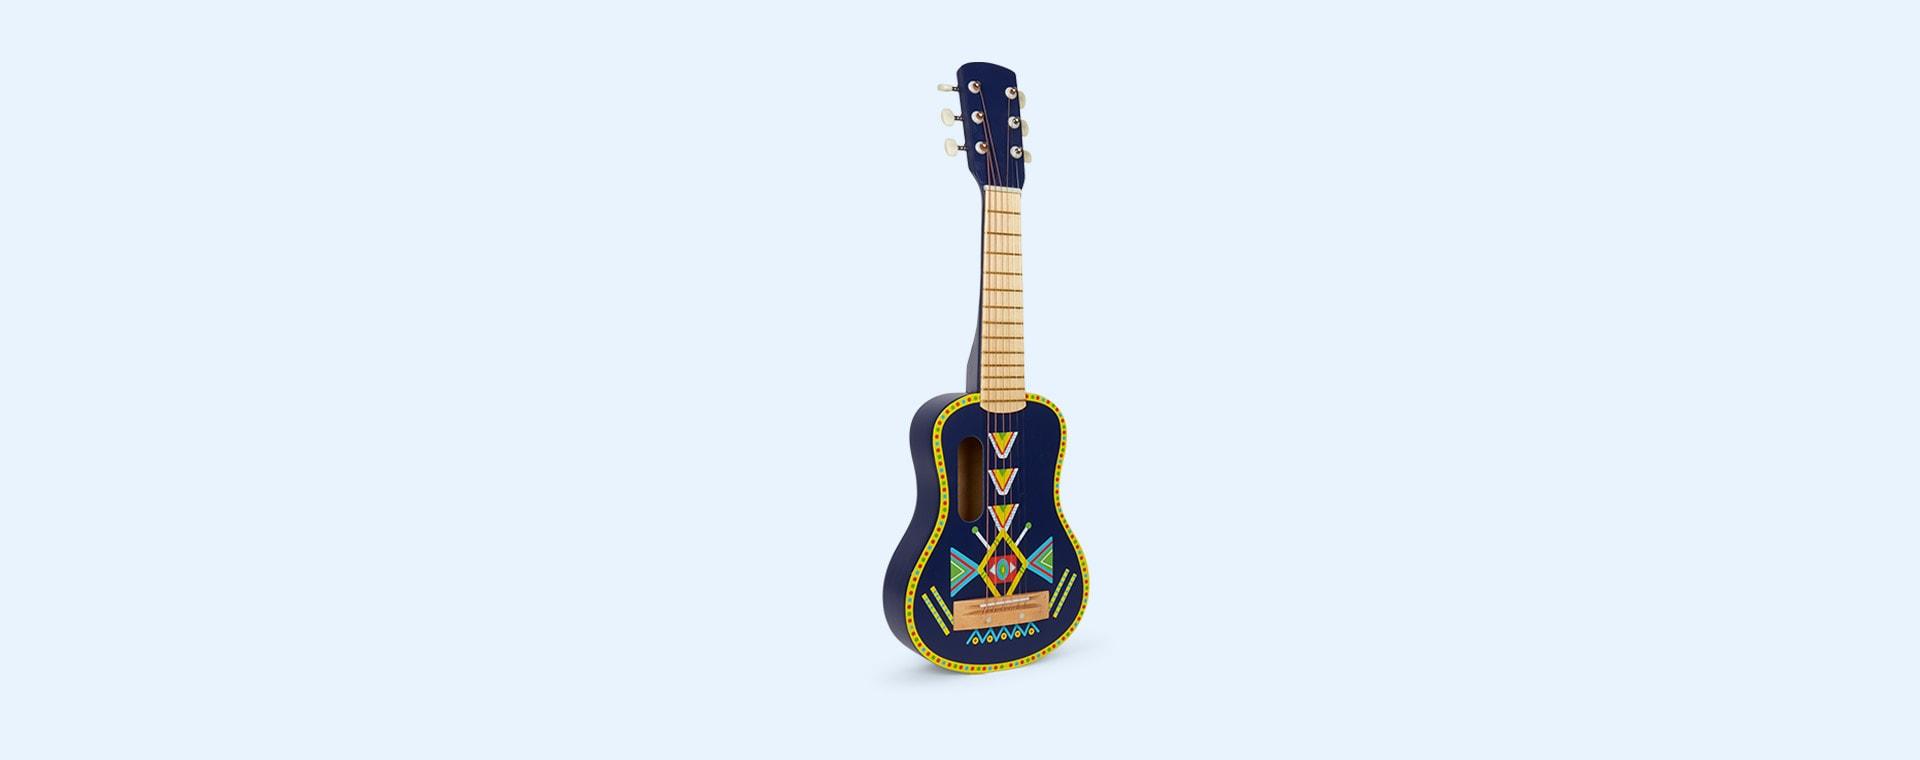 Blue Djeco Guitar